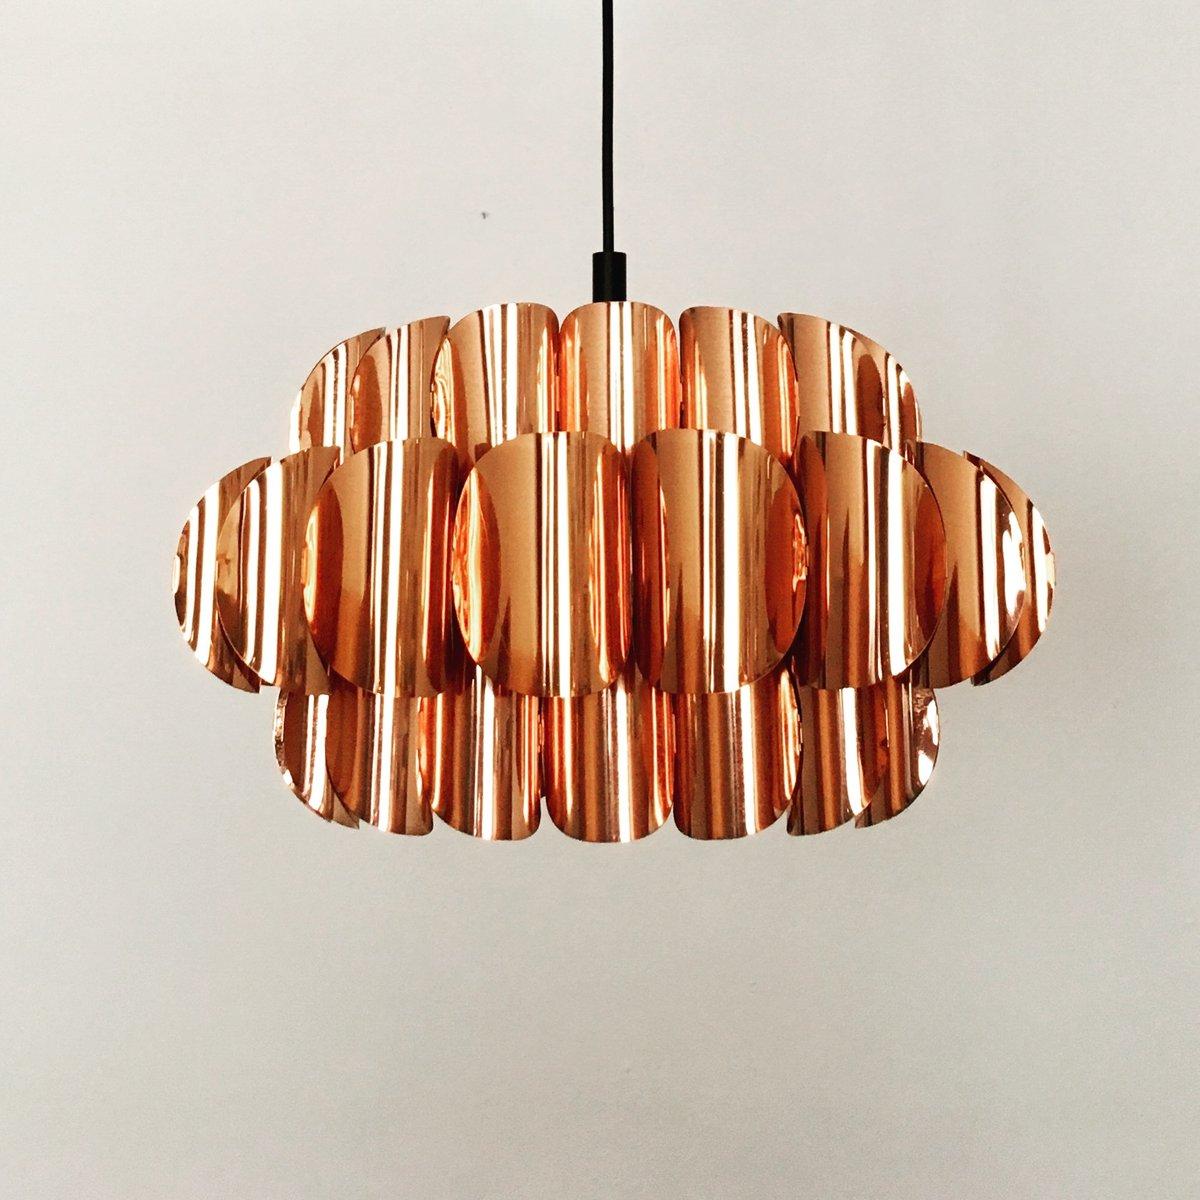 Kupfer Deckenlampe deckenleuchte kupfer | lux pro deckenleuchte kupfer 37cm x 40cm